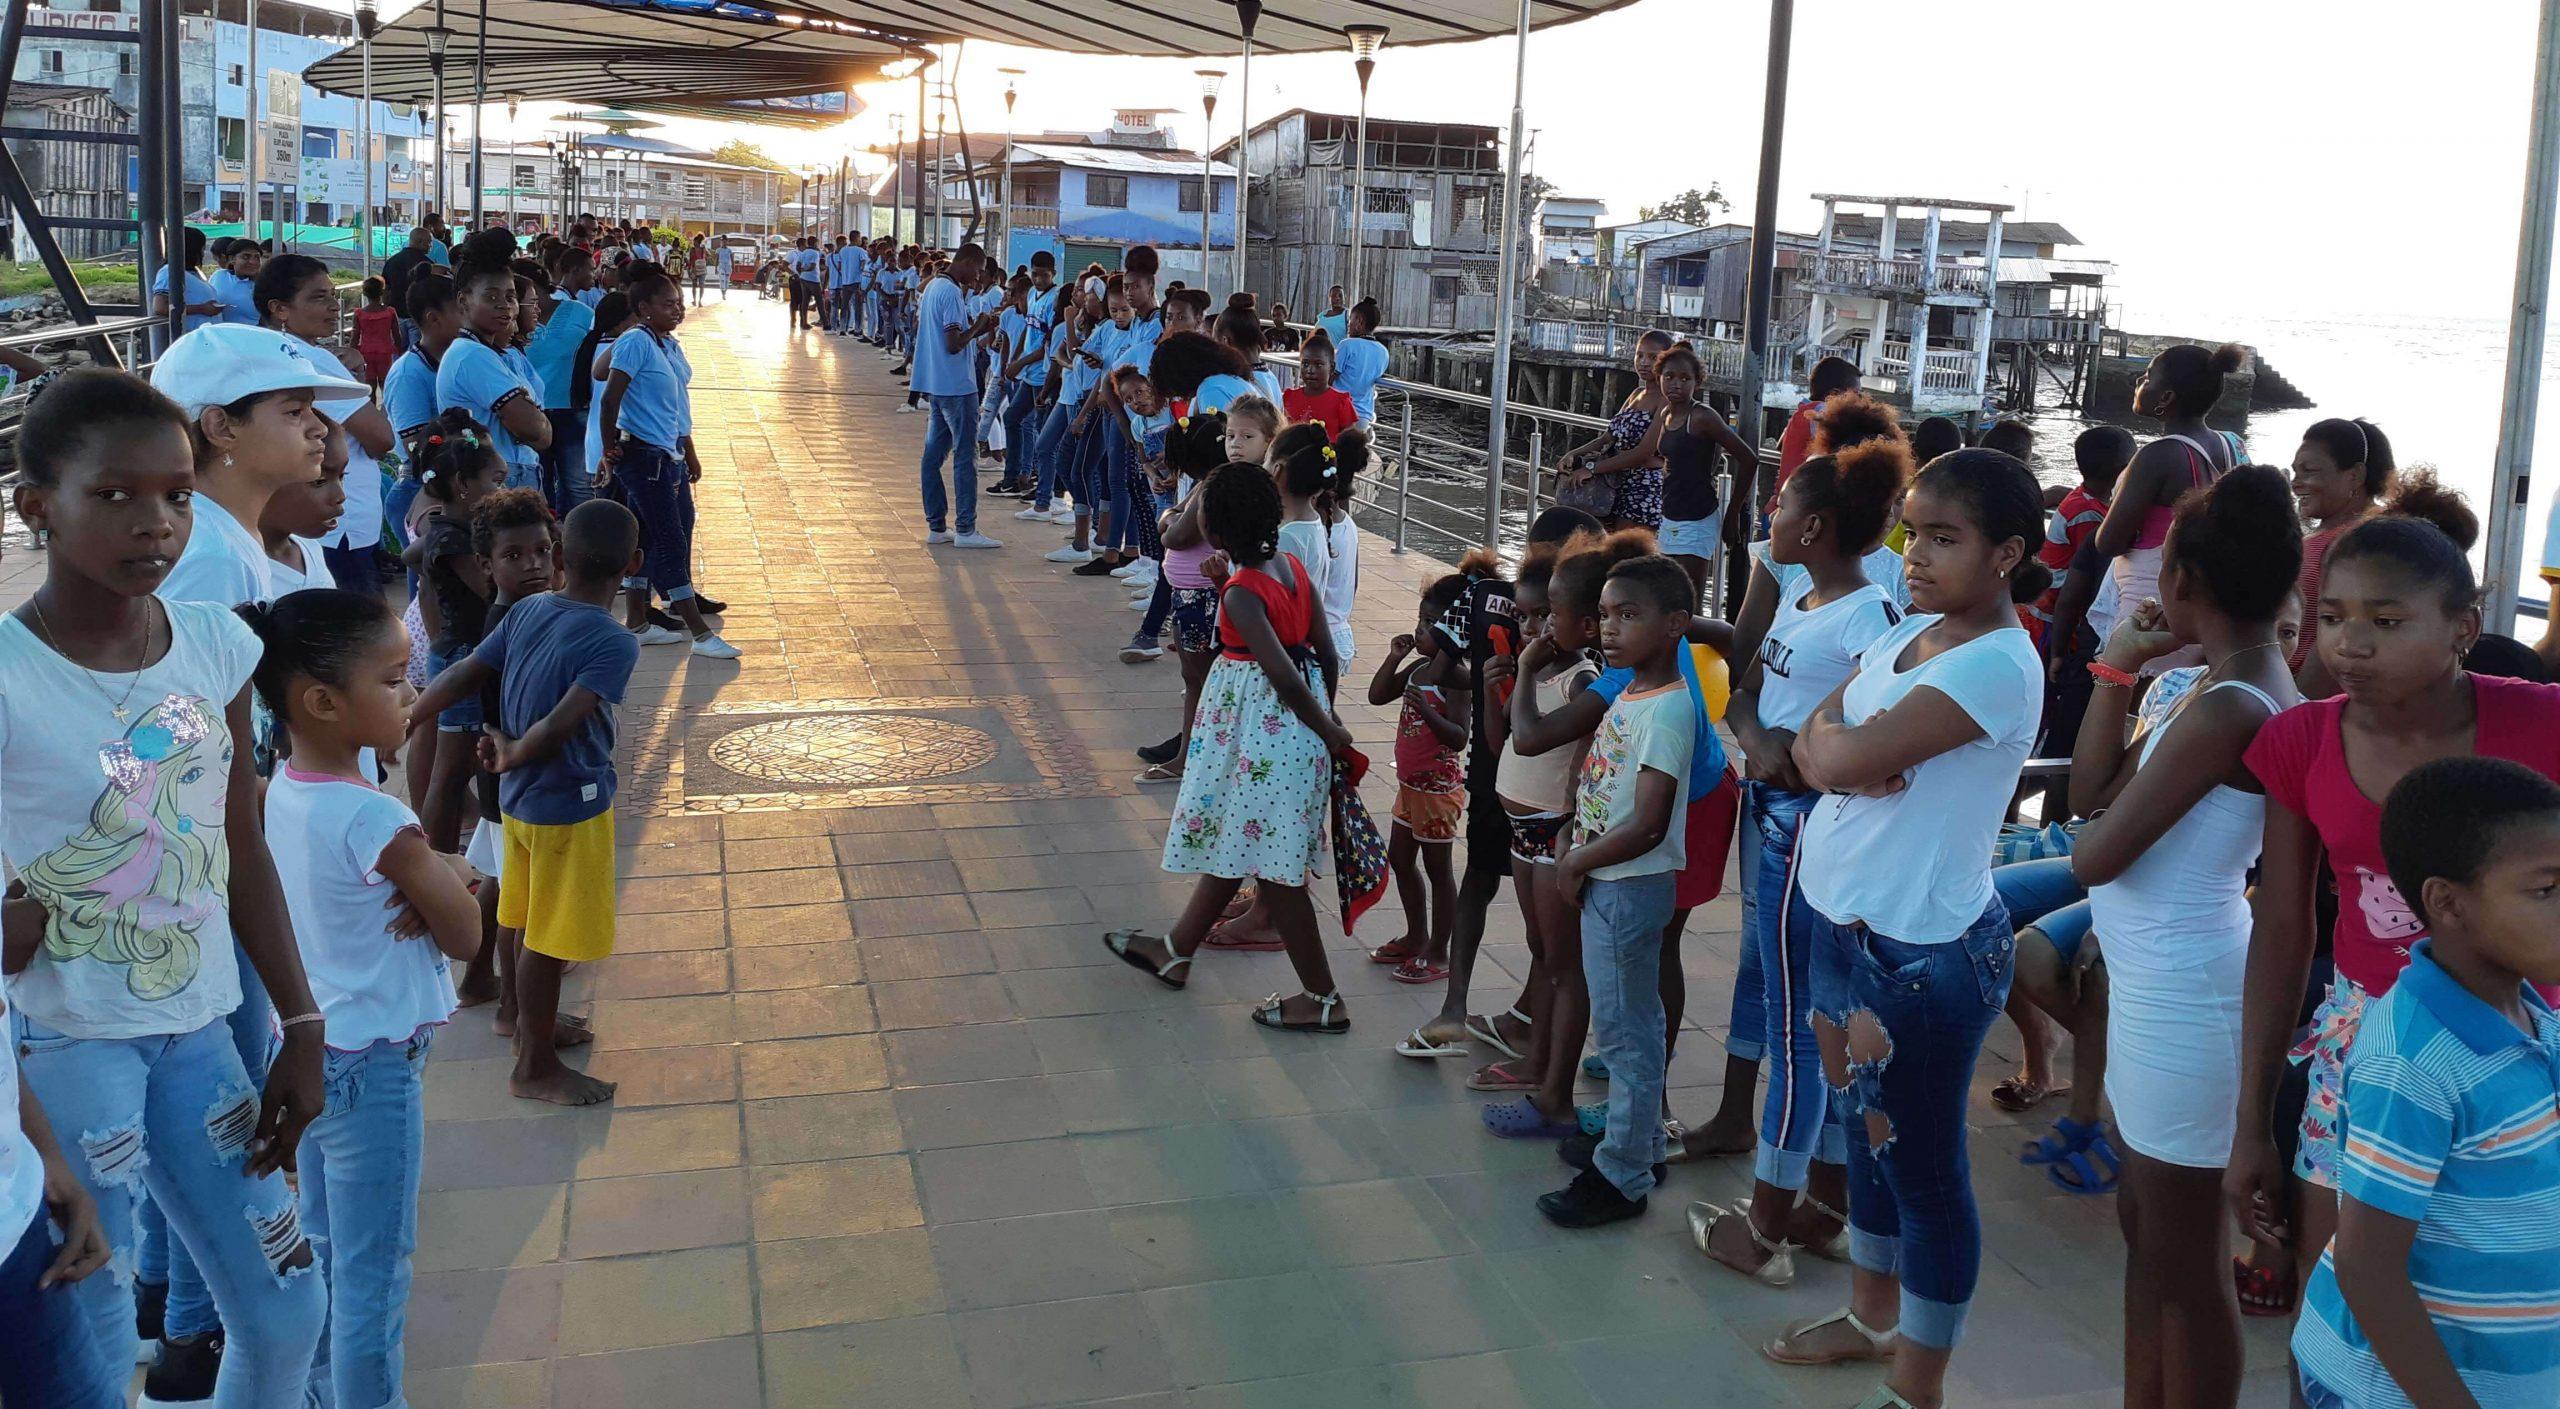 Children gathering in Ecuador